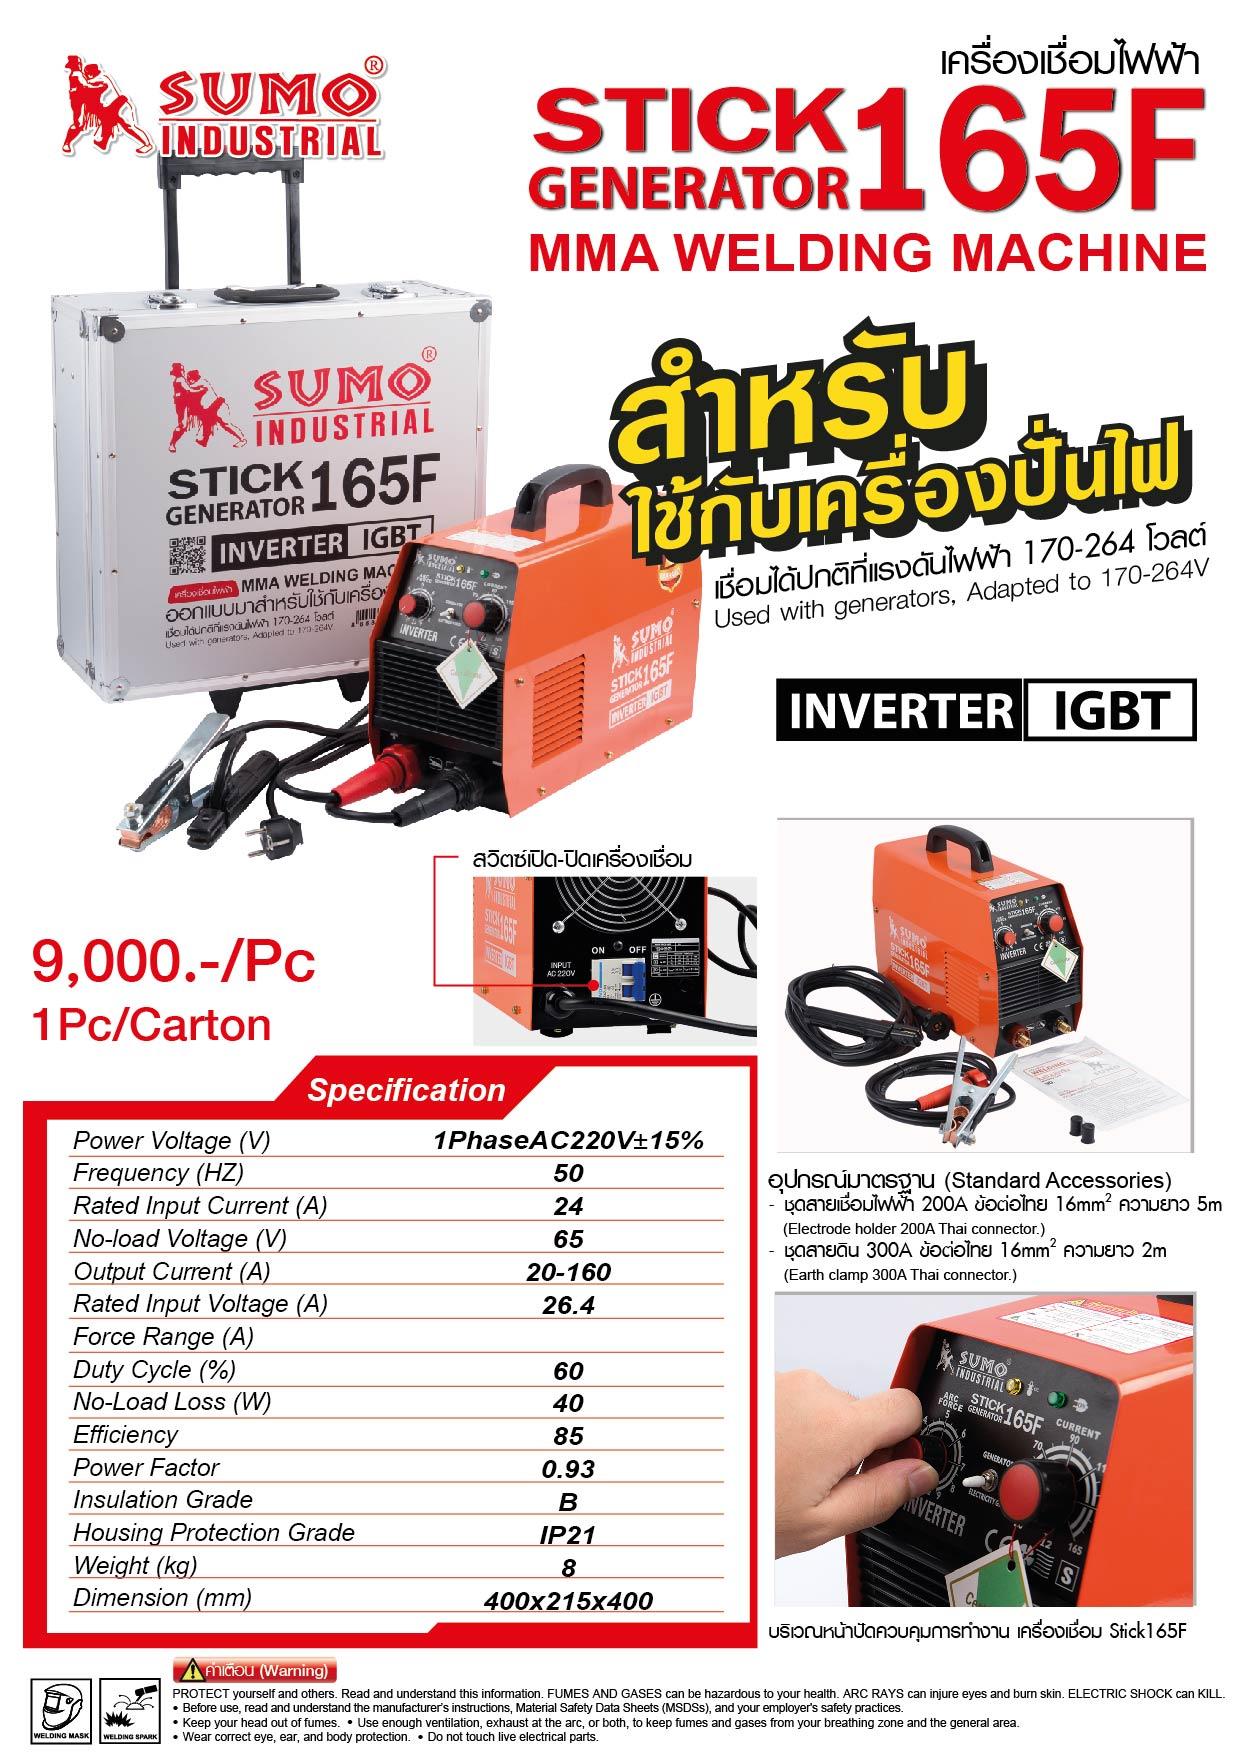 (162/239) เครื่องเชื่อมไฟฟ้า - Stick Generator 165F MMA Welding Machine